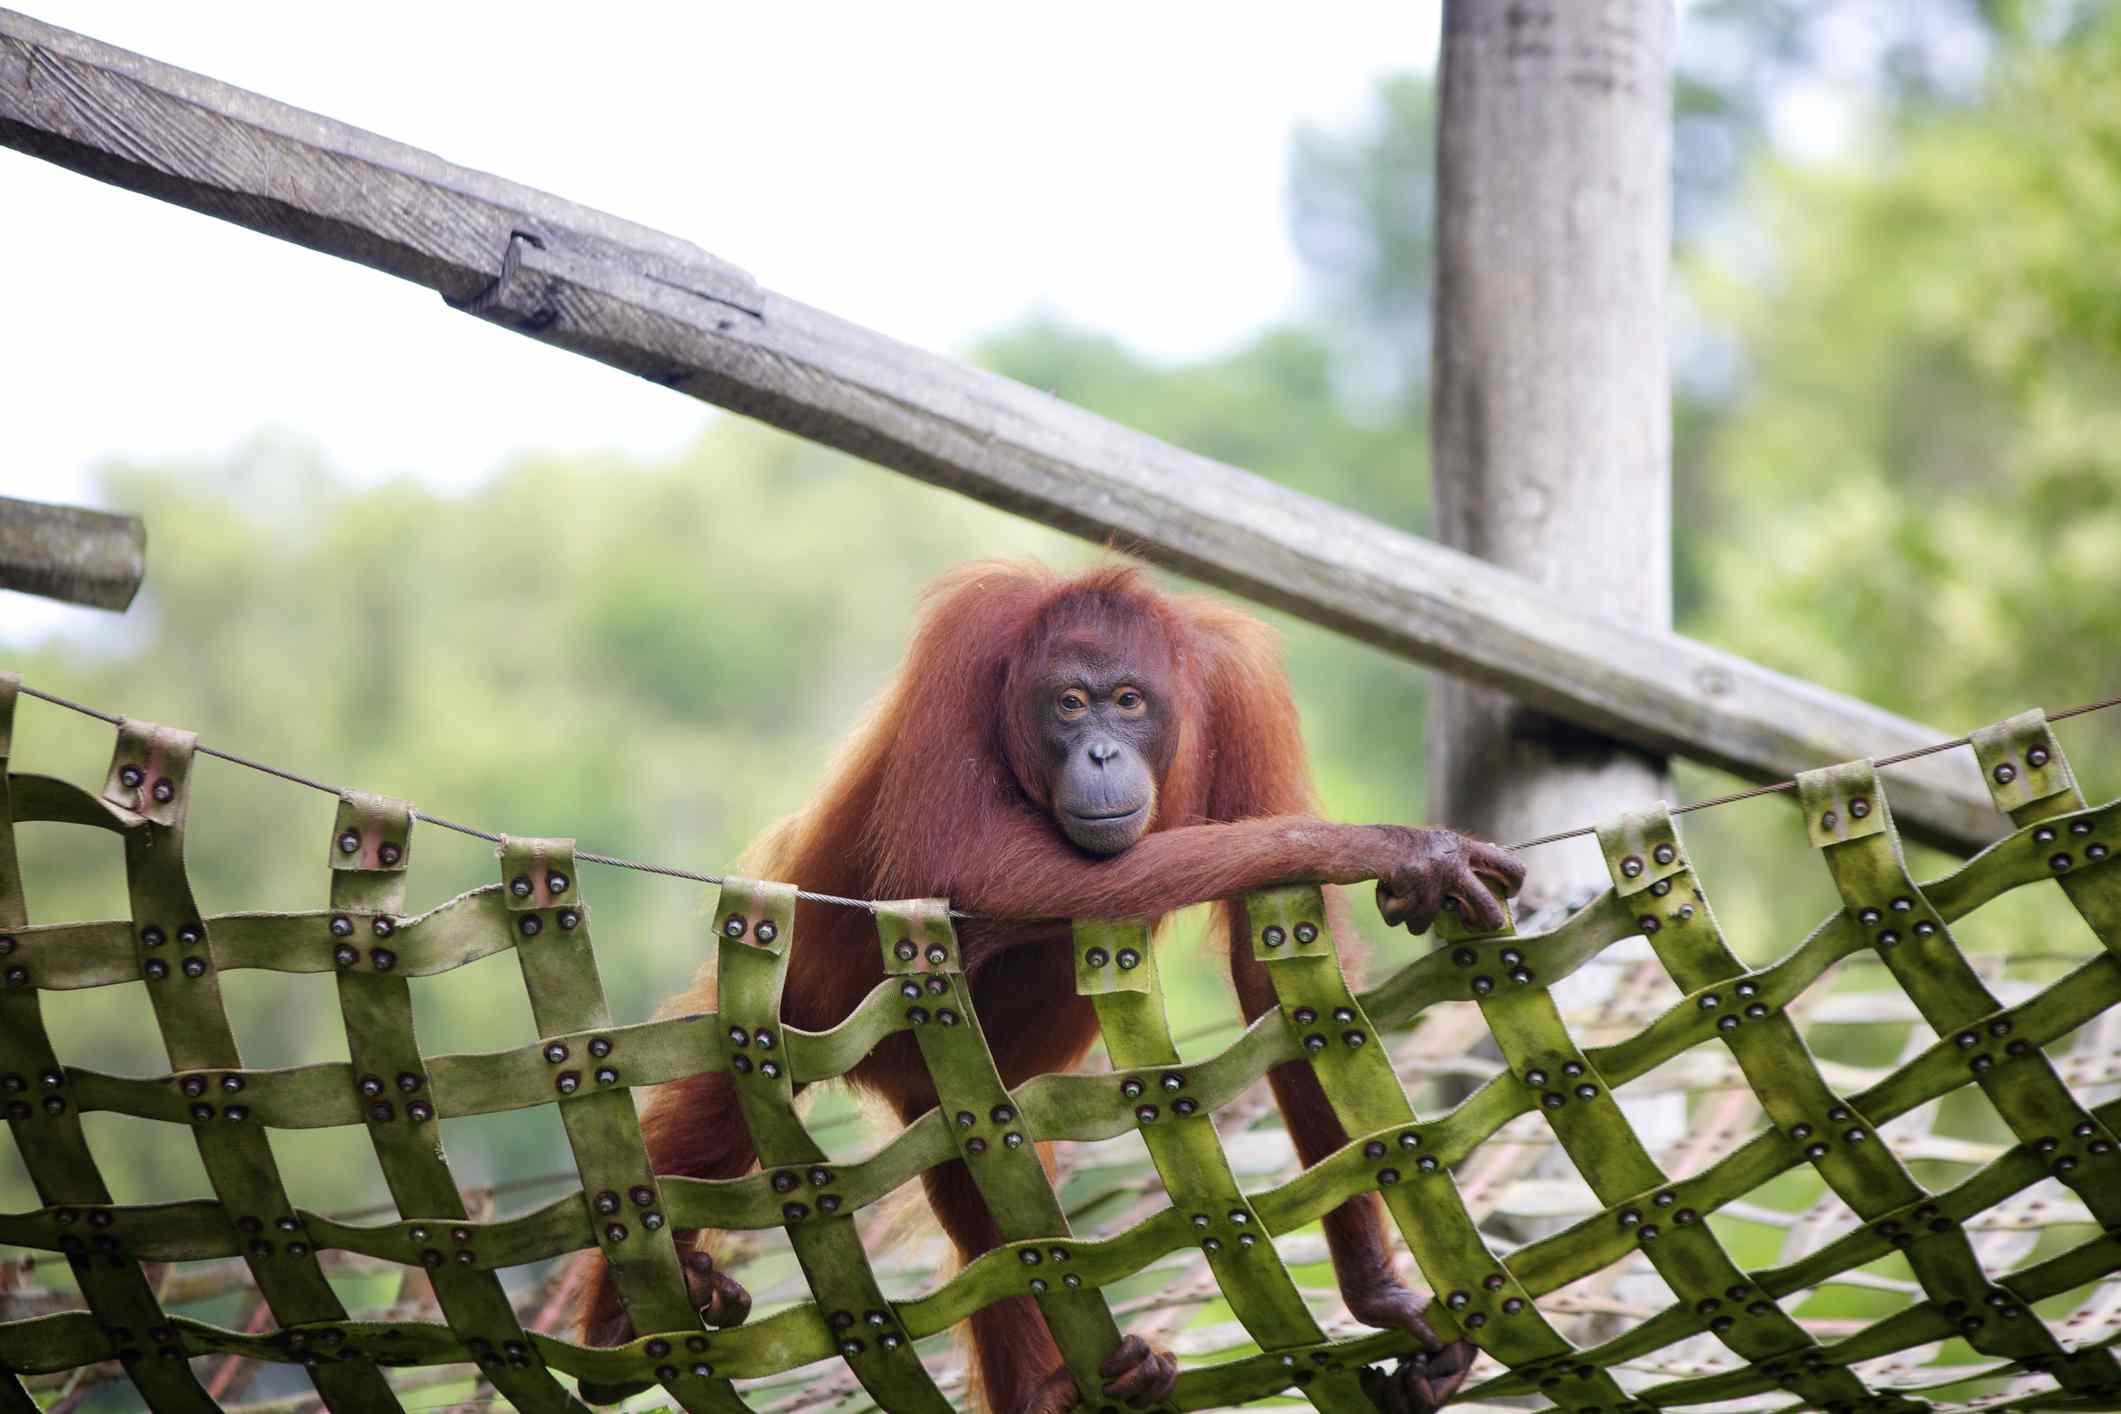 Orangután en peligro de extinción en el gimnasio de la jungla, Kota Kinabalu, Lok Kawi Wildlife Park